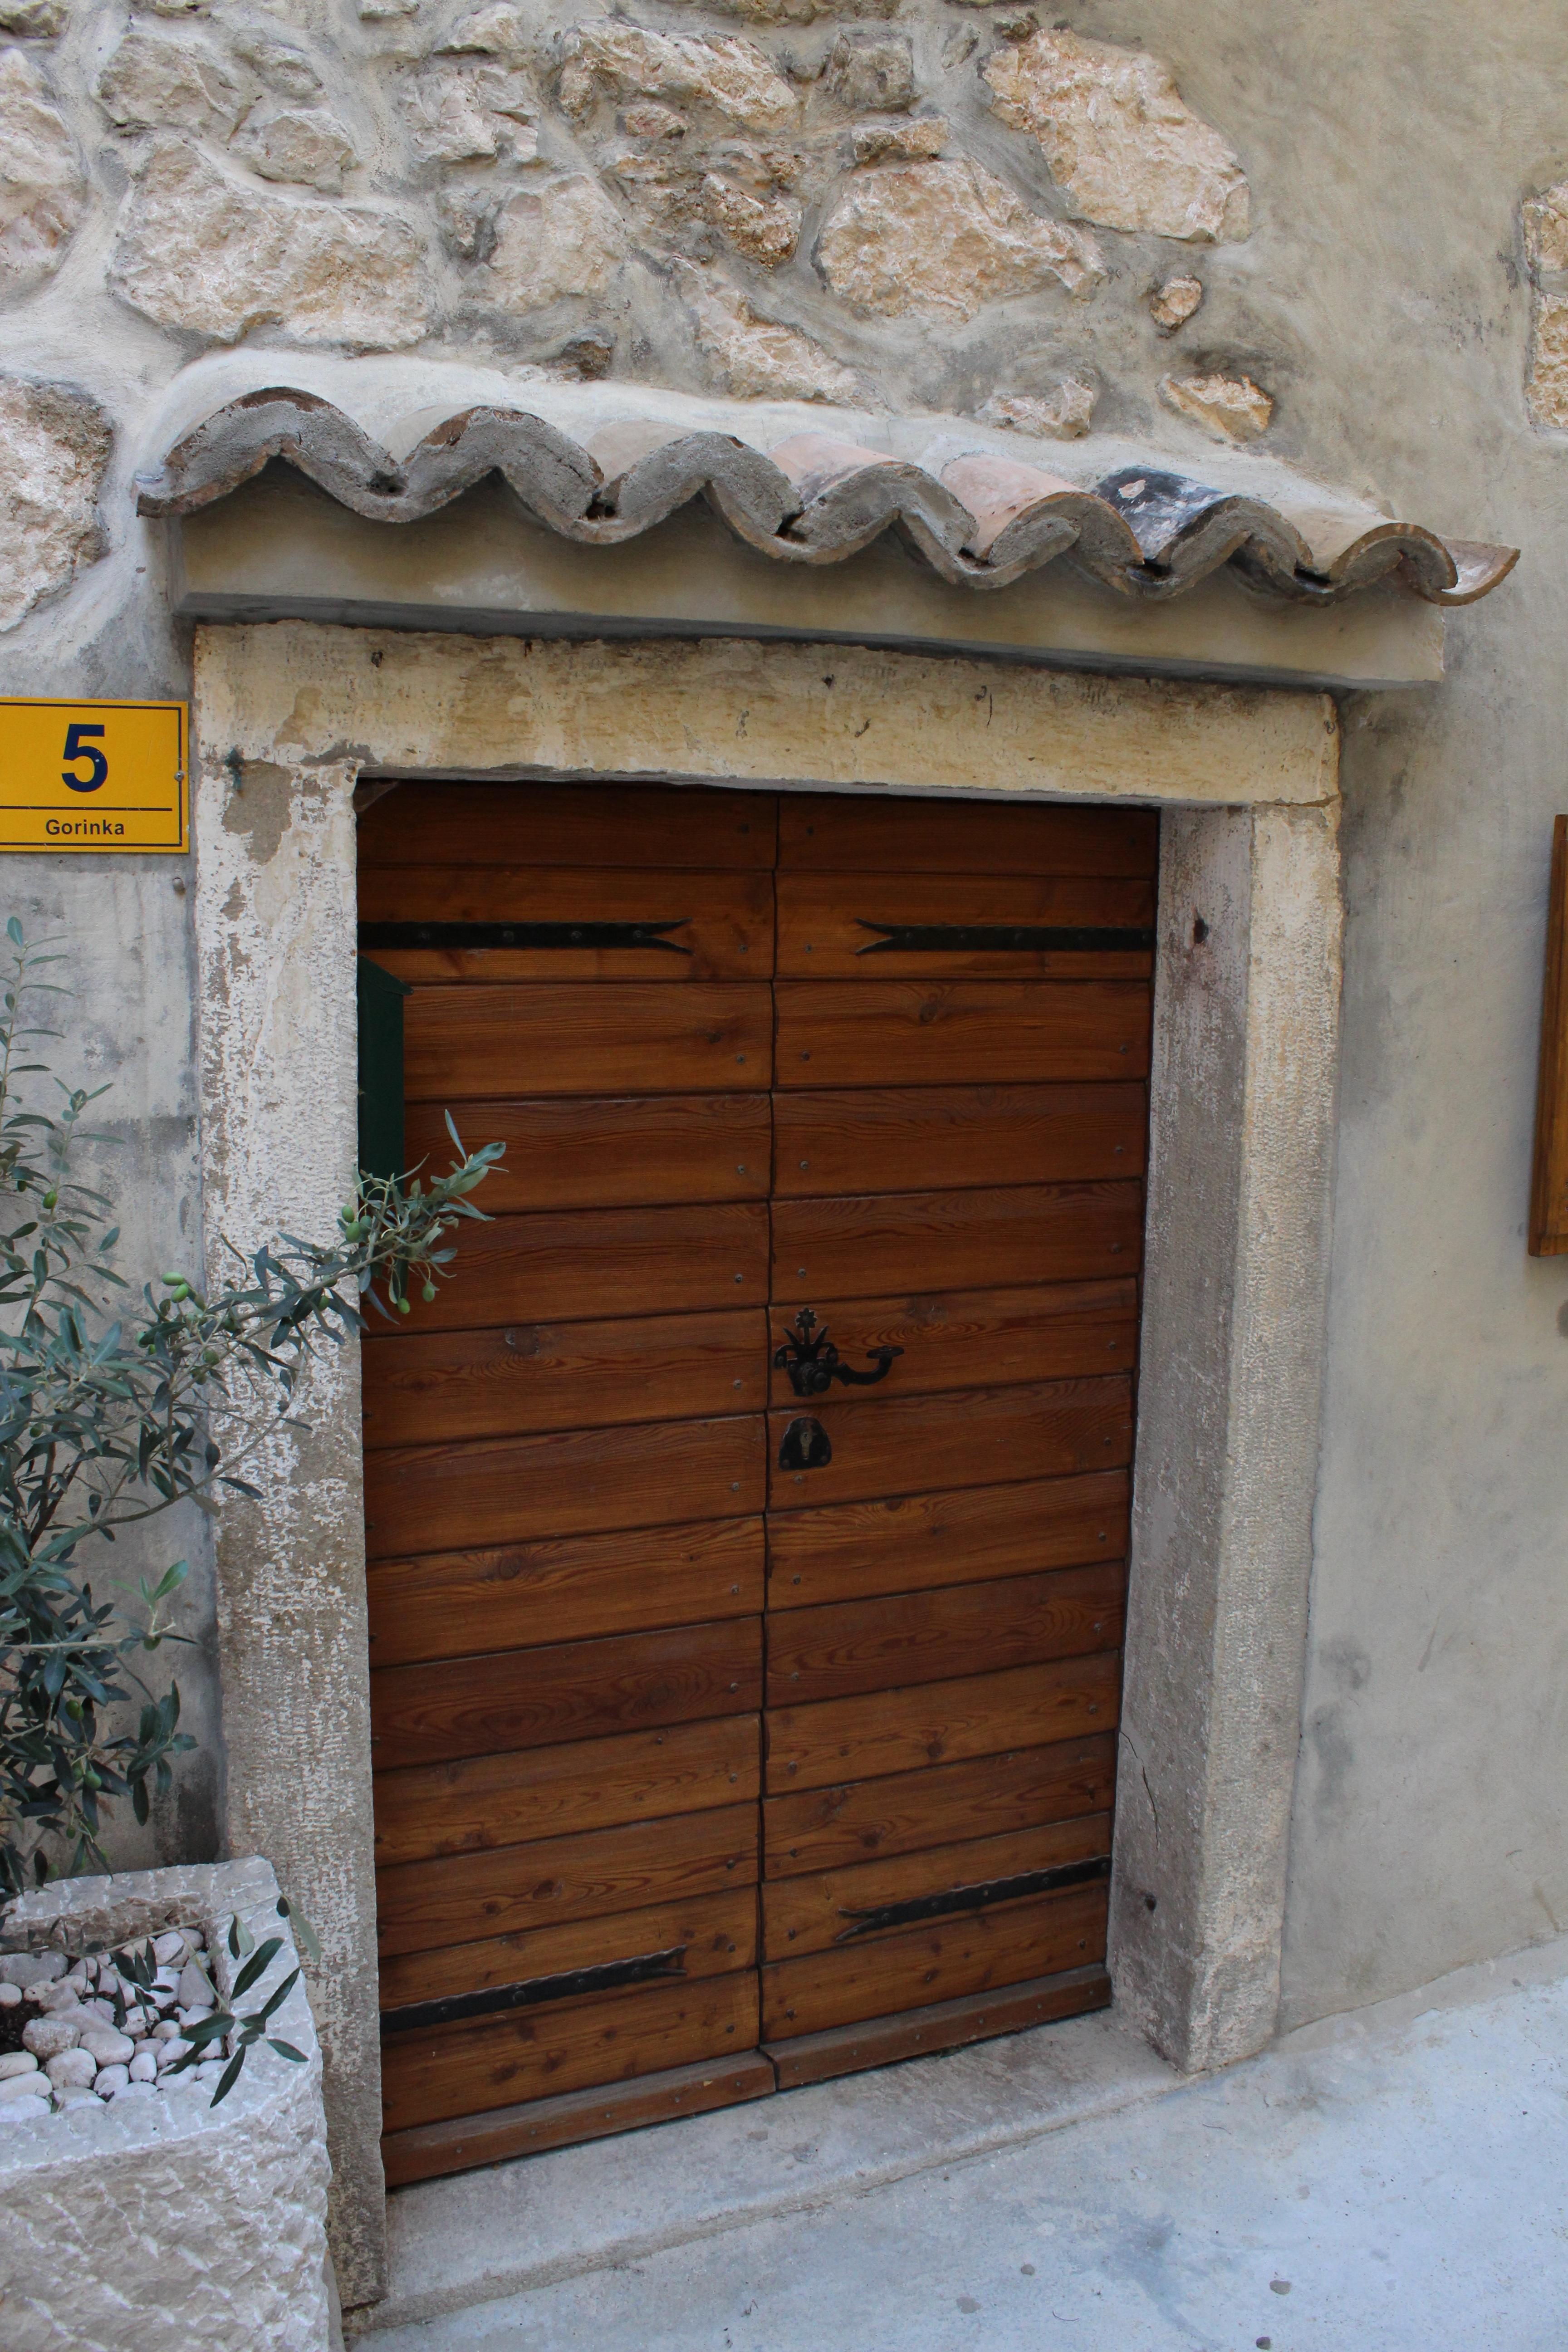 Fotos gratis madera ventana edificio fachada port n - Puertas de madera entrada principal ...